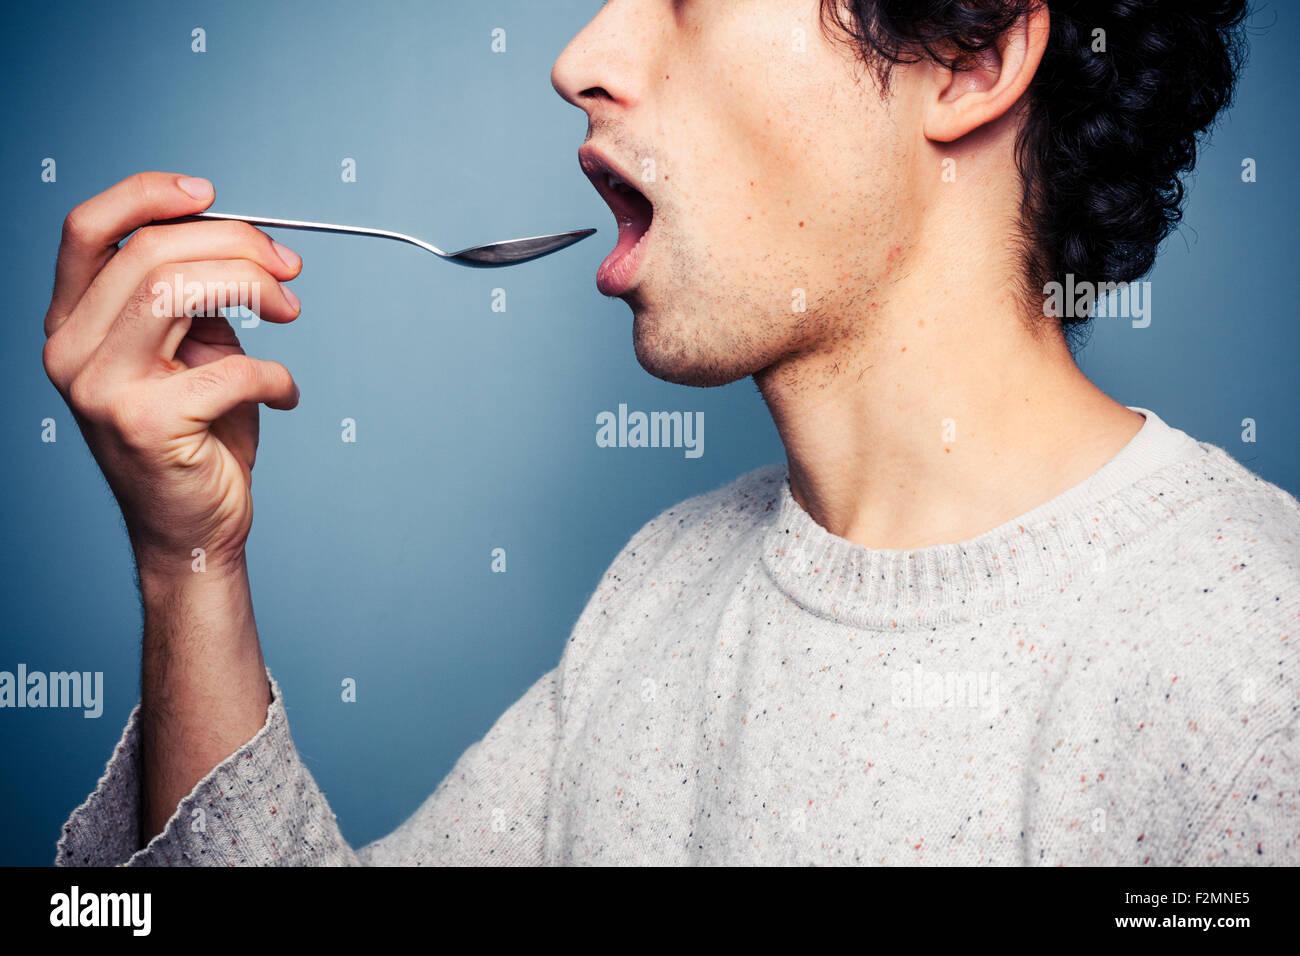 Joven poniendo una cuchara en su boca Imagen De Stock